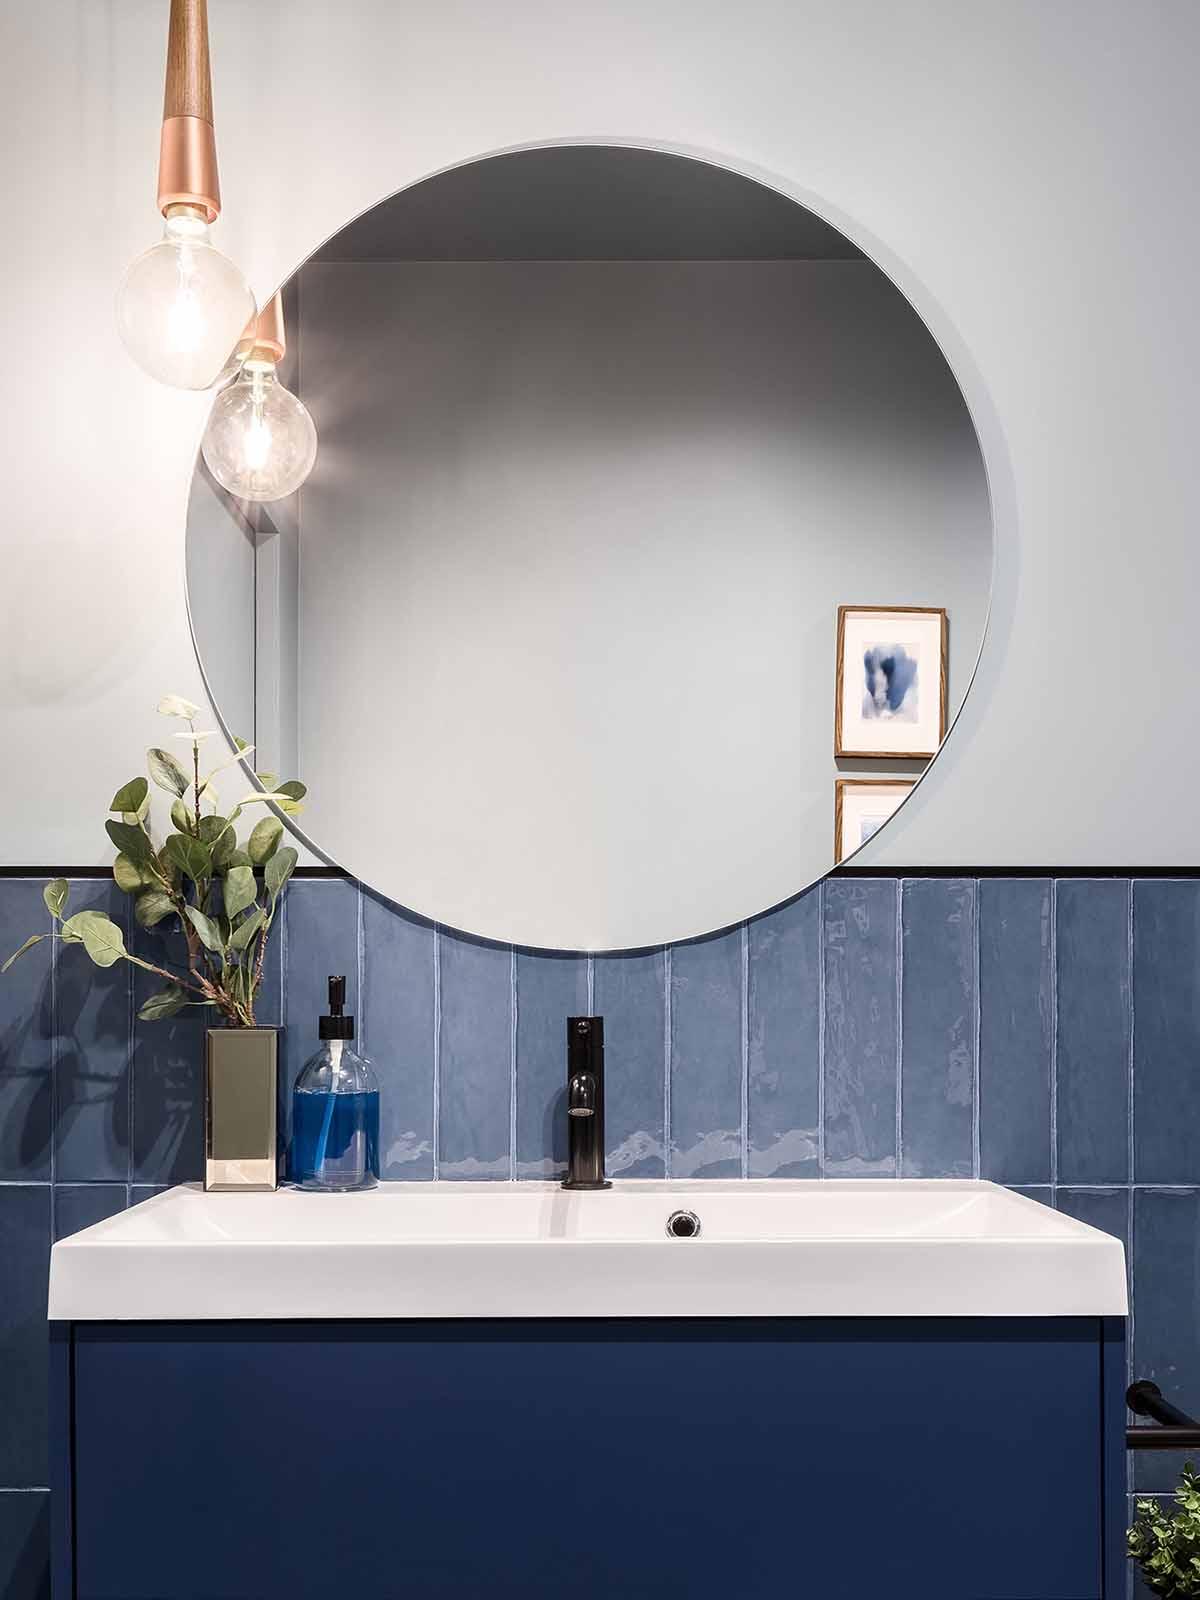 Pusse opp badet med store runde speil er populært